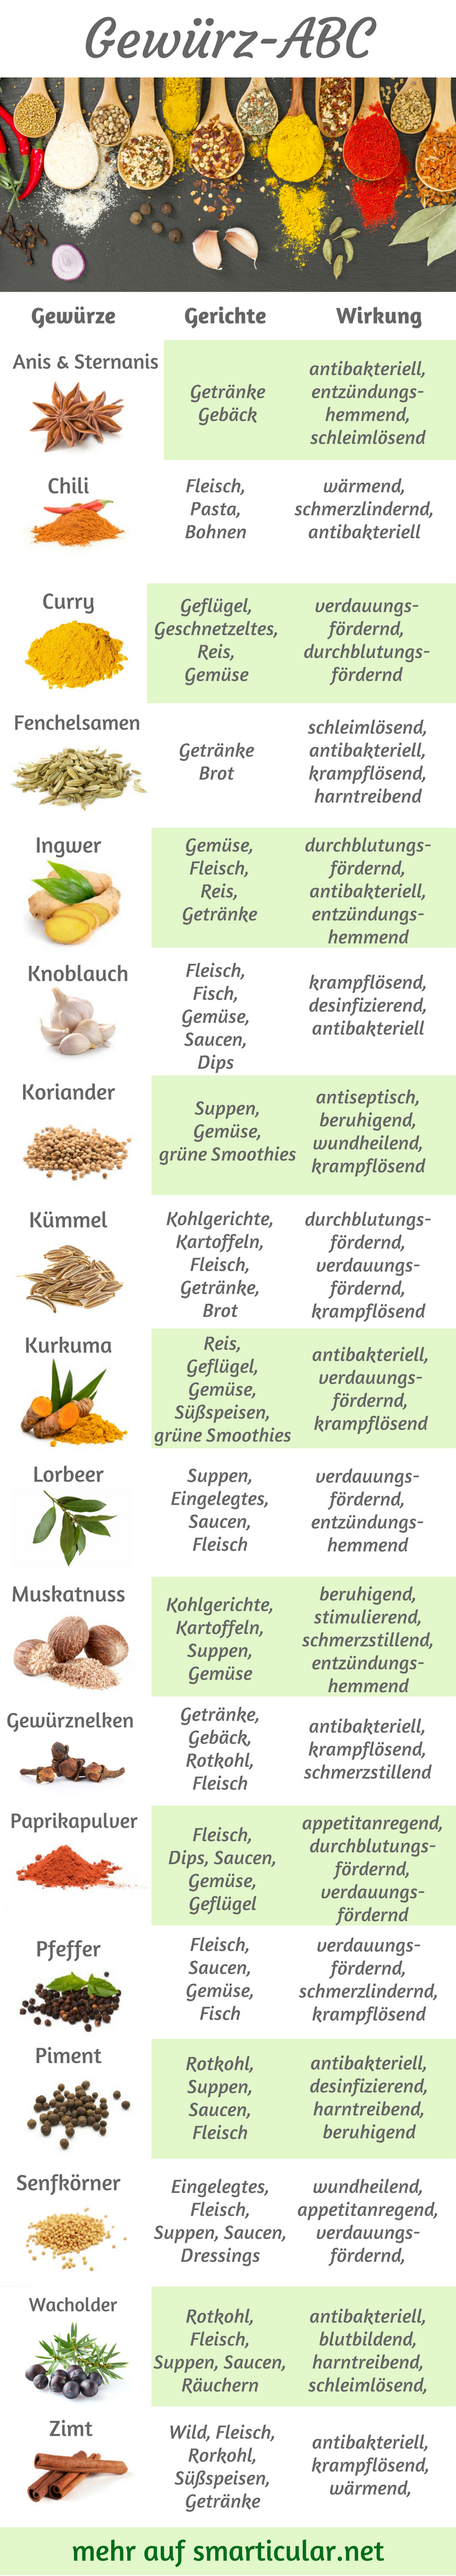 So viele verschiedene Gewürze, aber du weißt nicht, wofür du sie verwenden kann? Lass dich von unserem kleinen Gewürz-ABC inspirieren, damit du immer weißt, welche Gewürze zu welchen Gerichten passen! #gemüsepflanzen